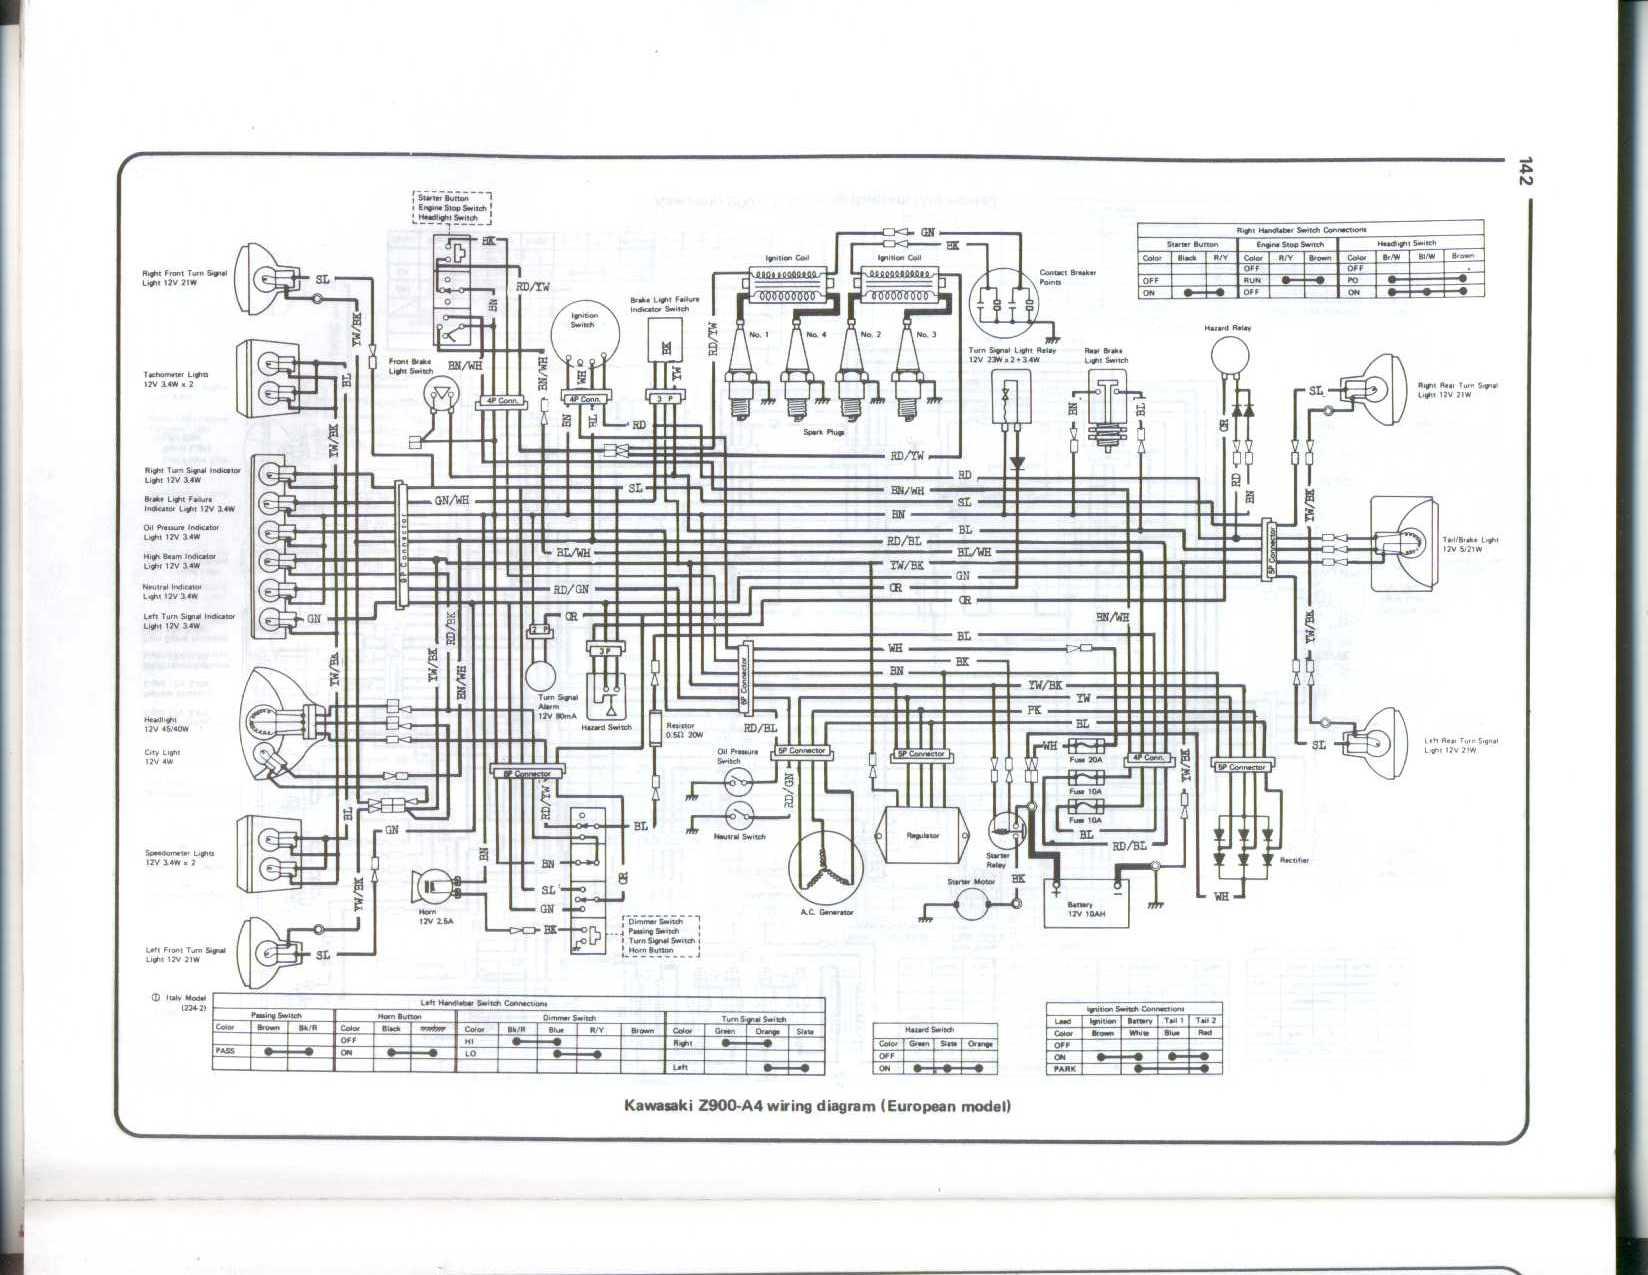 Wiring Diagram For Kawasaki Z1 - M7 Wiring Diagram on